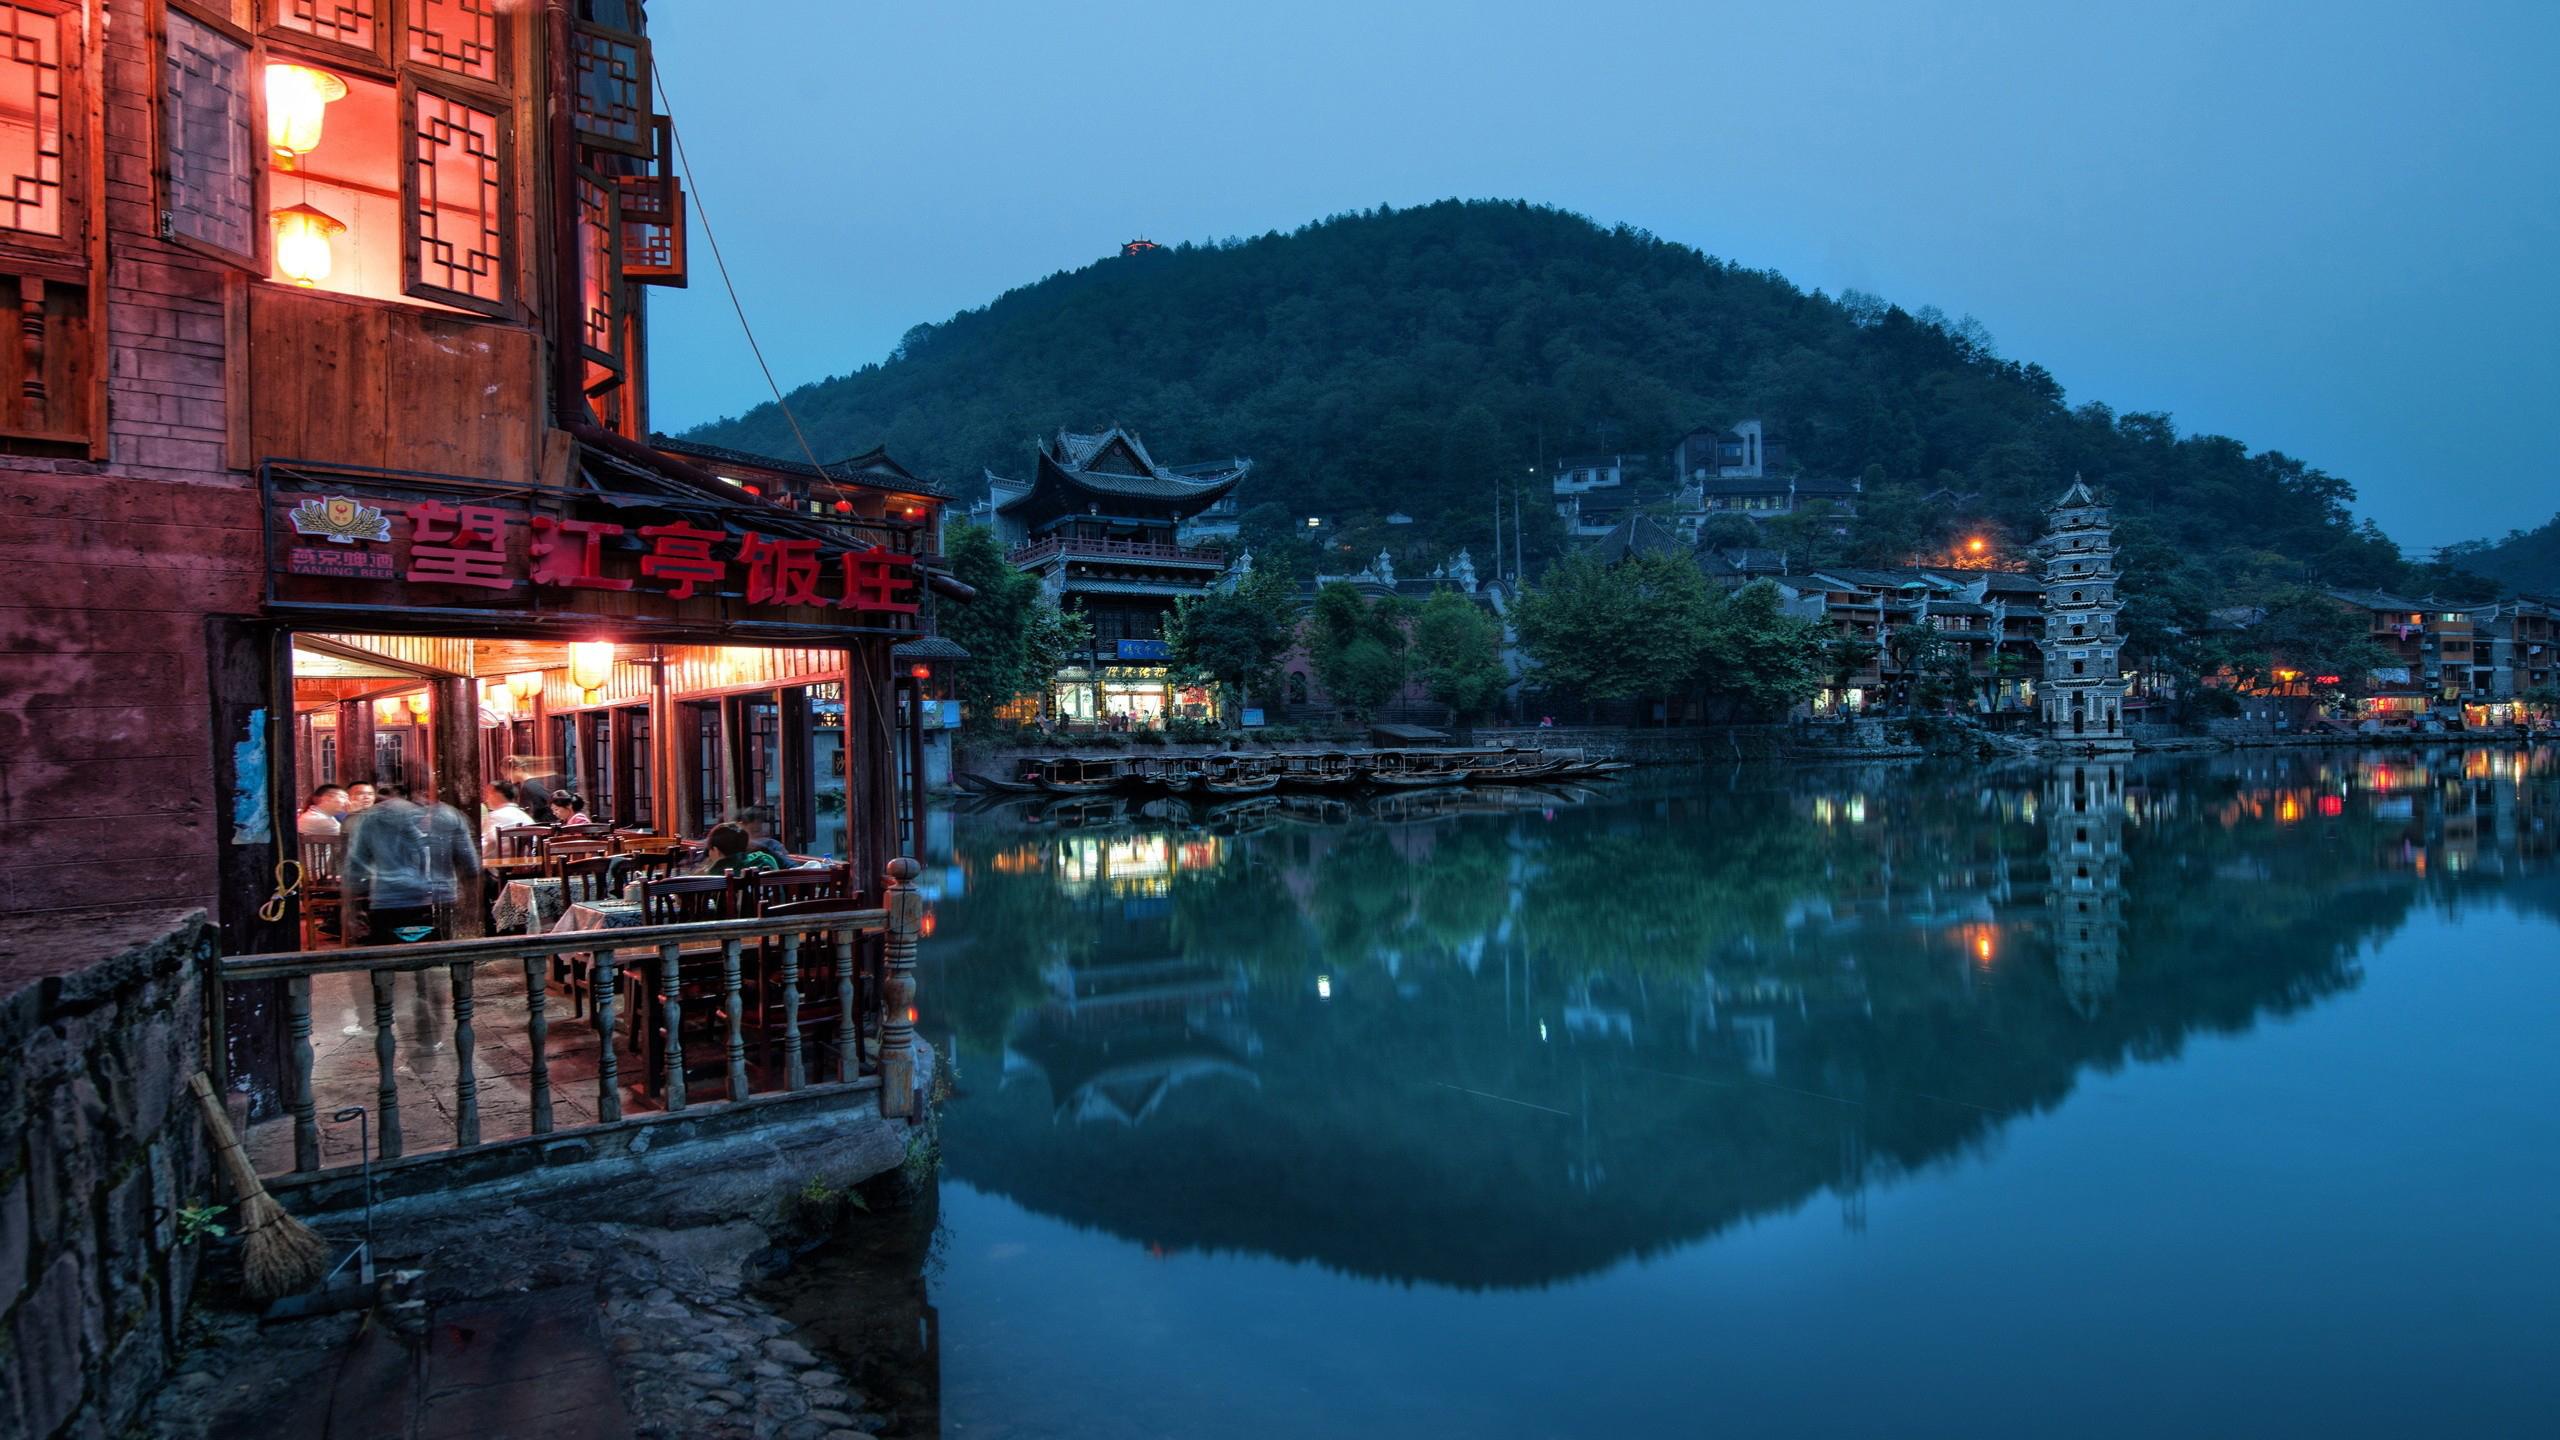 15810 скачать обои Пейзаж, Архитектура, Азия - заставки и картинки бесплатно